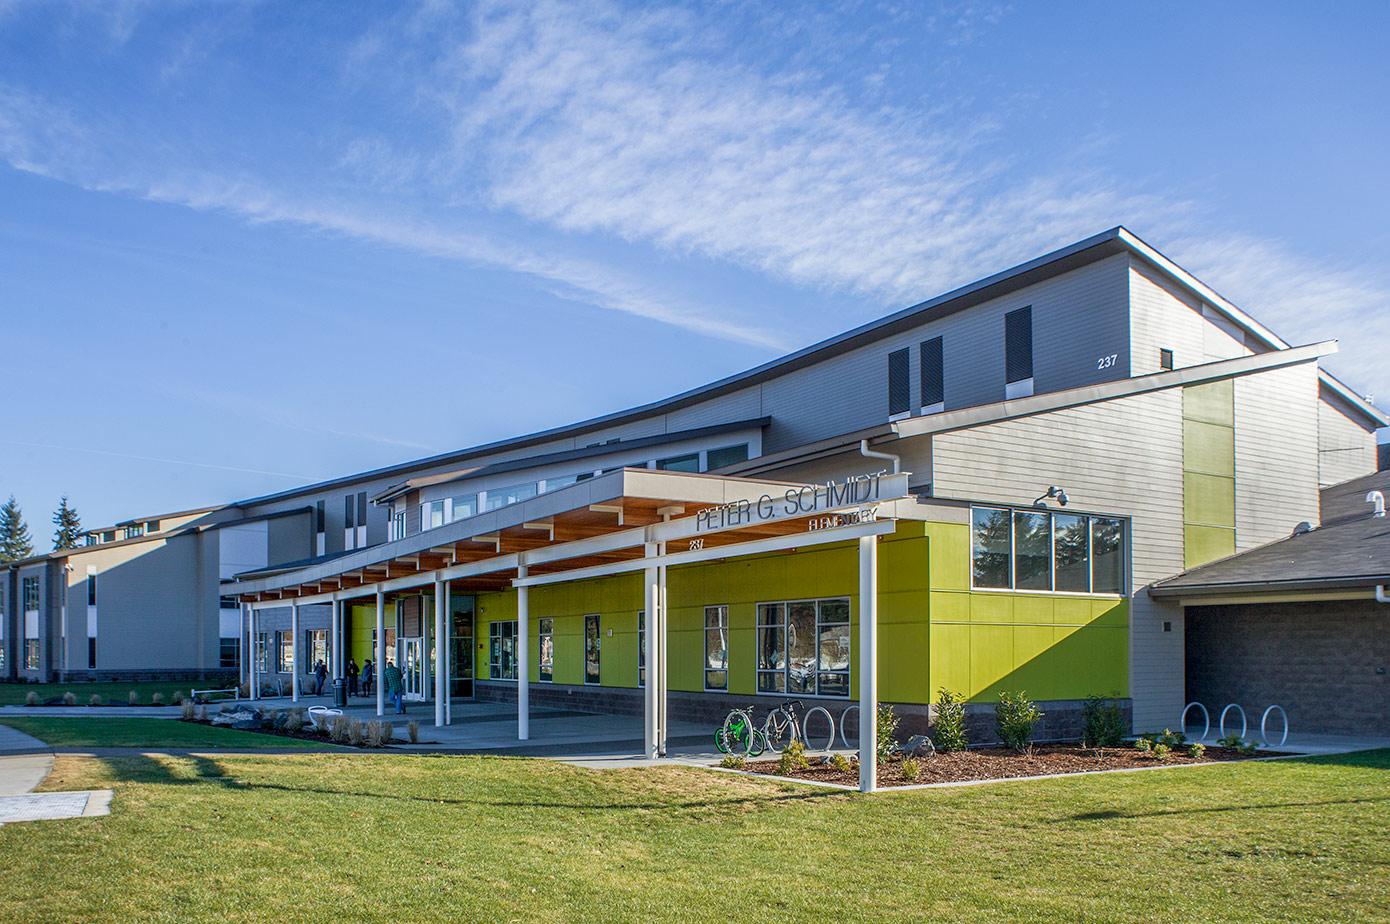 Peter G Schmidt Elementary School Replacement Forma